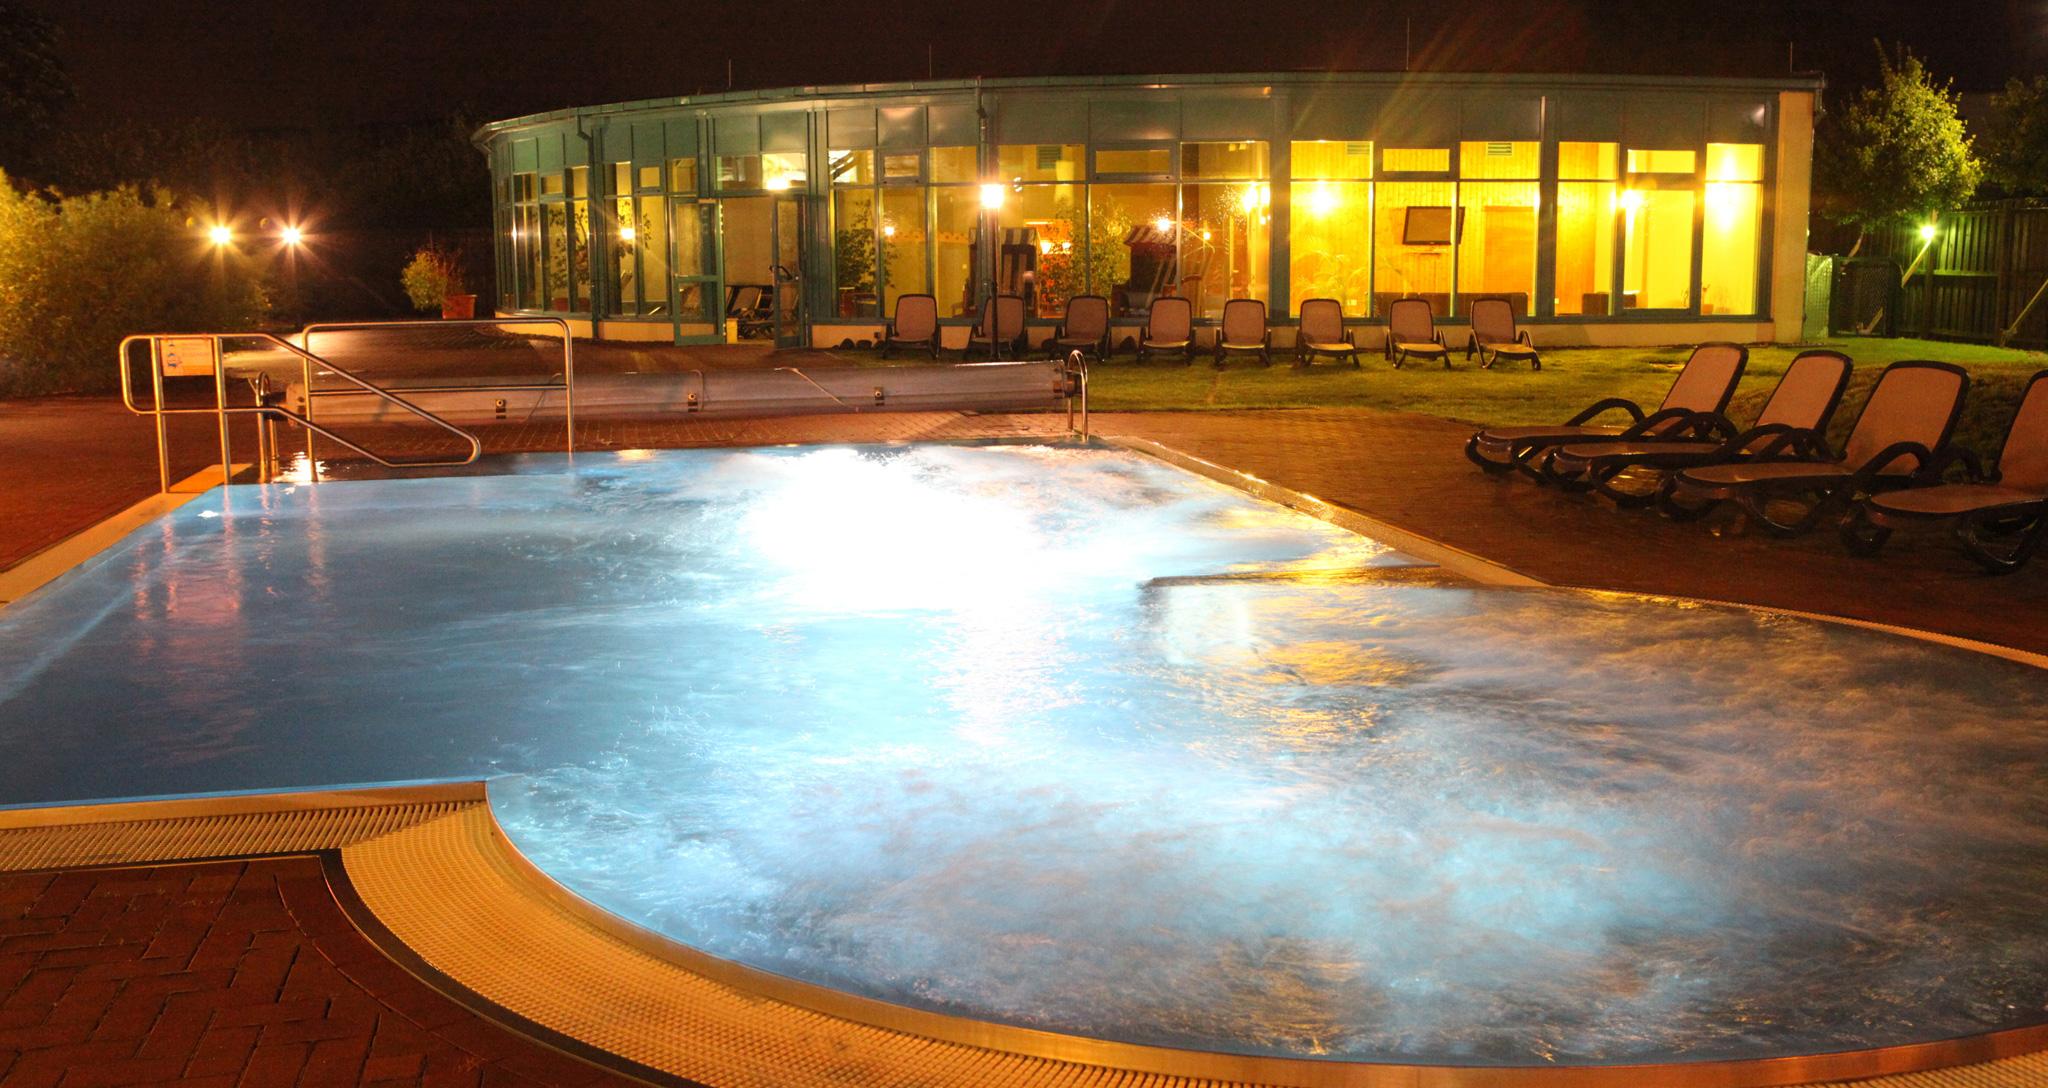 campusbad flensburg planschen sporten saunen verw hnen. Black Bedroom Furniture Sets. Home Design Ideas